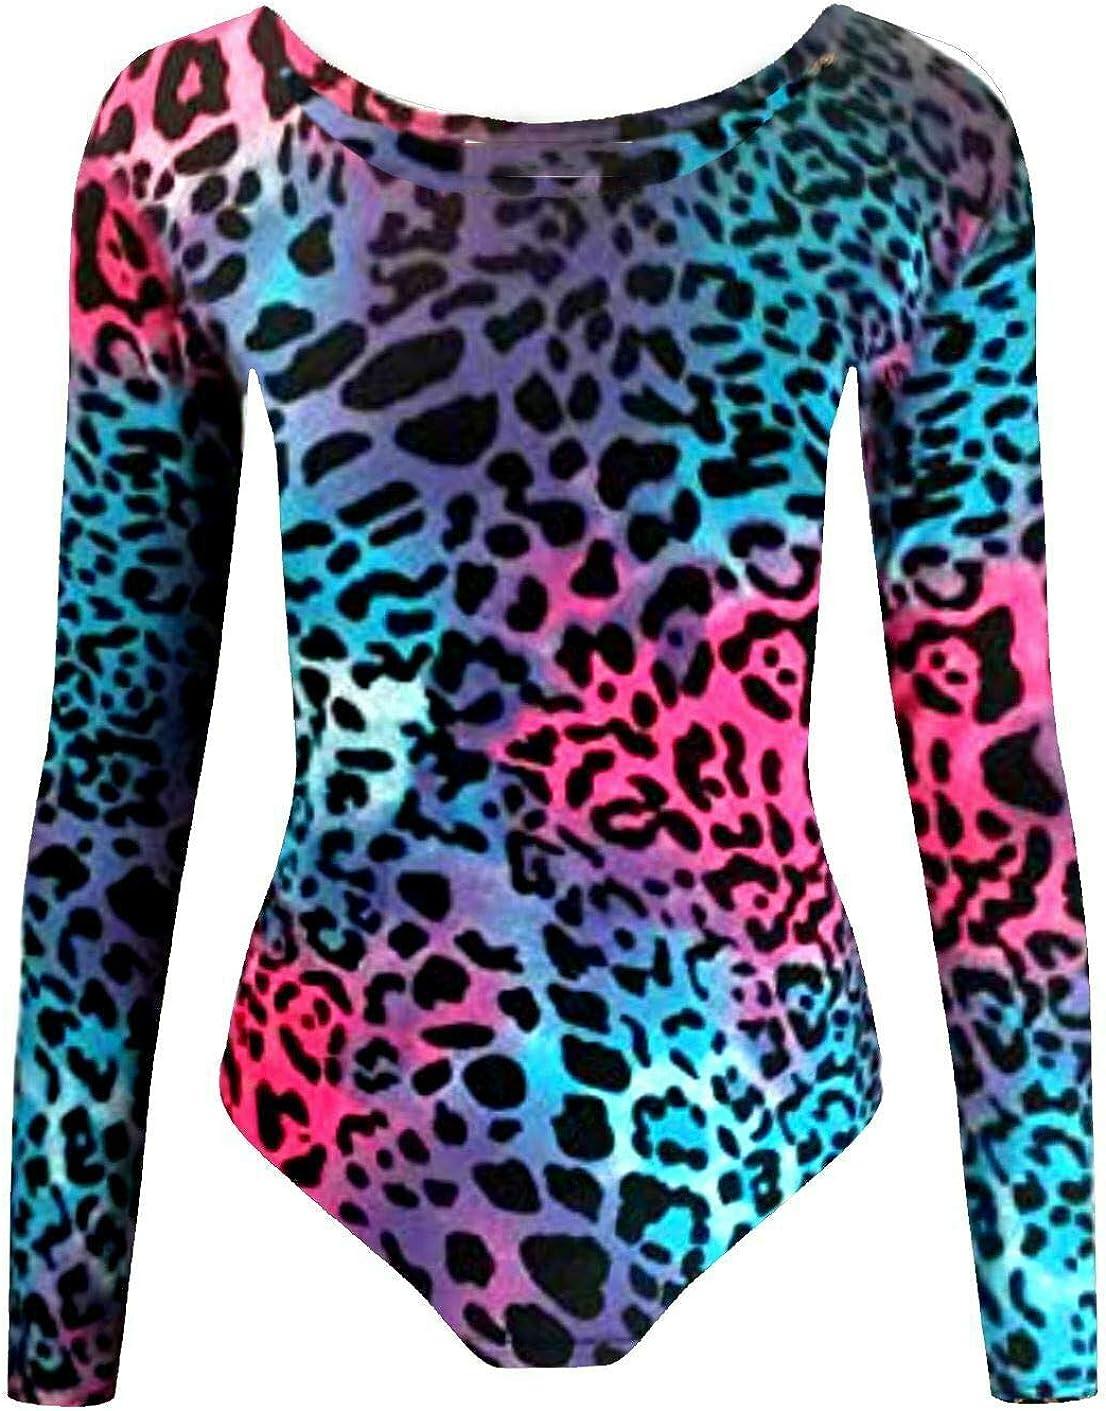 Loxdonz Girls Bodysuit Leotard Top Toddler Dance Bodycon Ballet Jumpsuit Gymnastics Romper